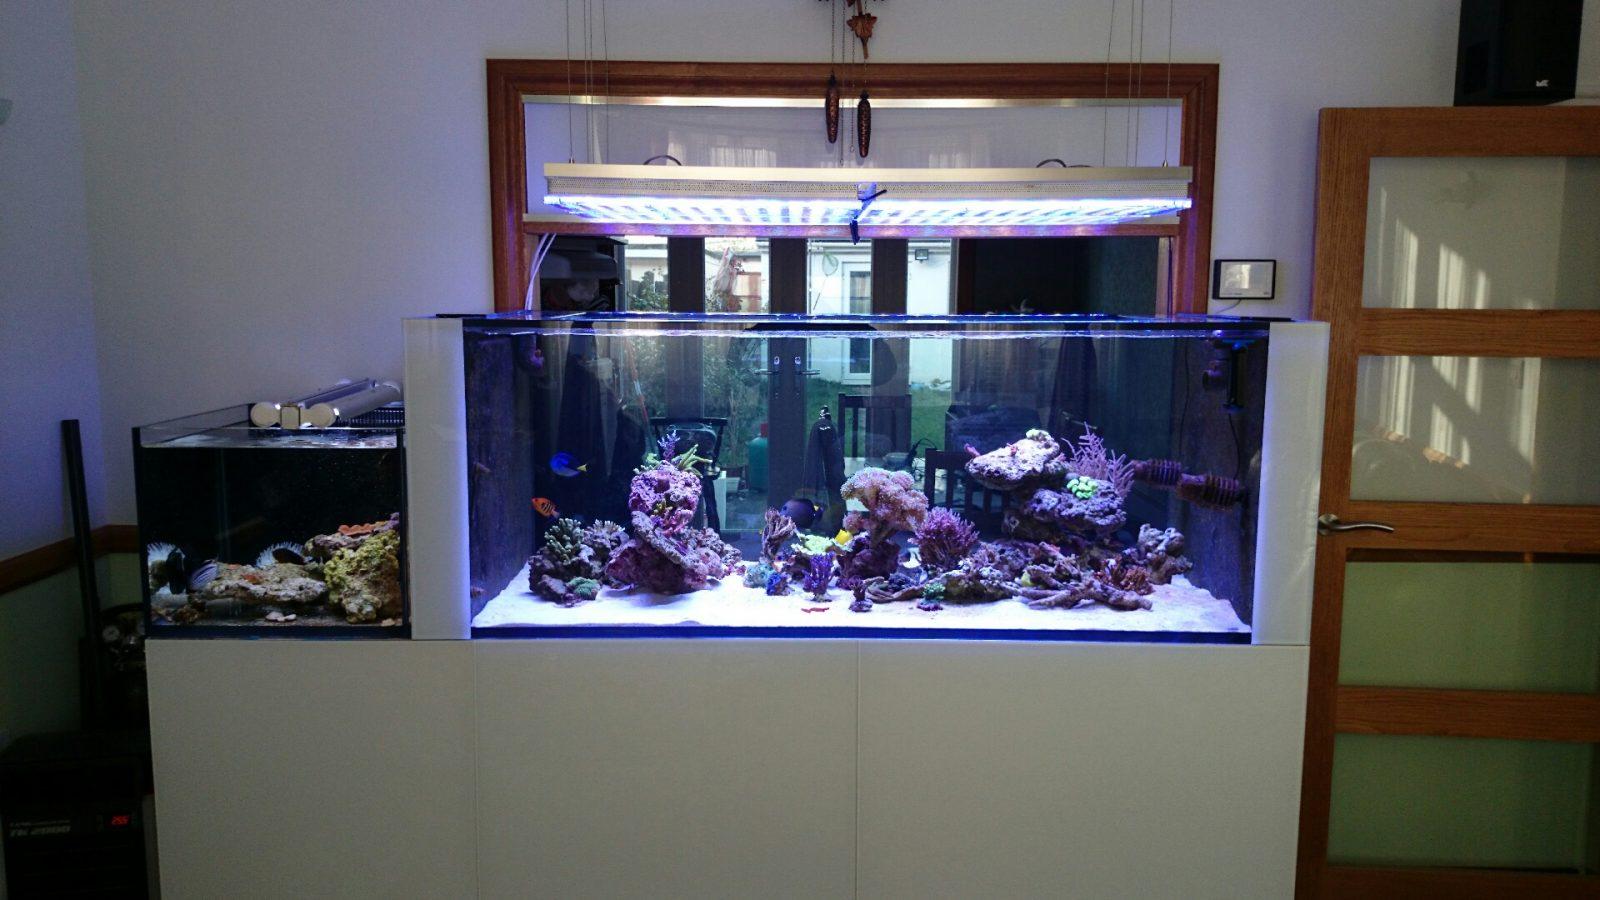 высококачественное освещение аквариума